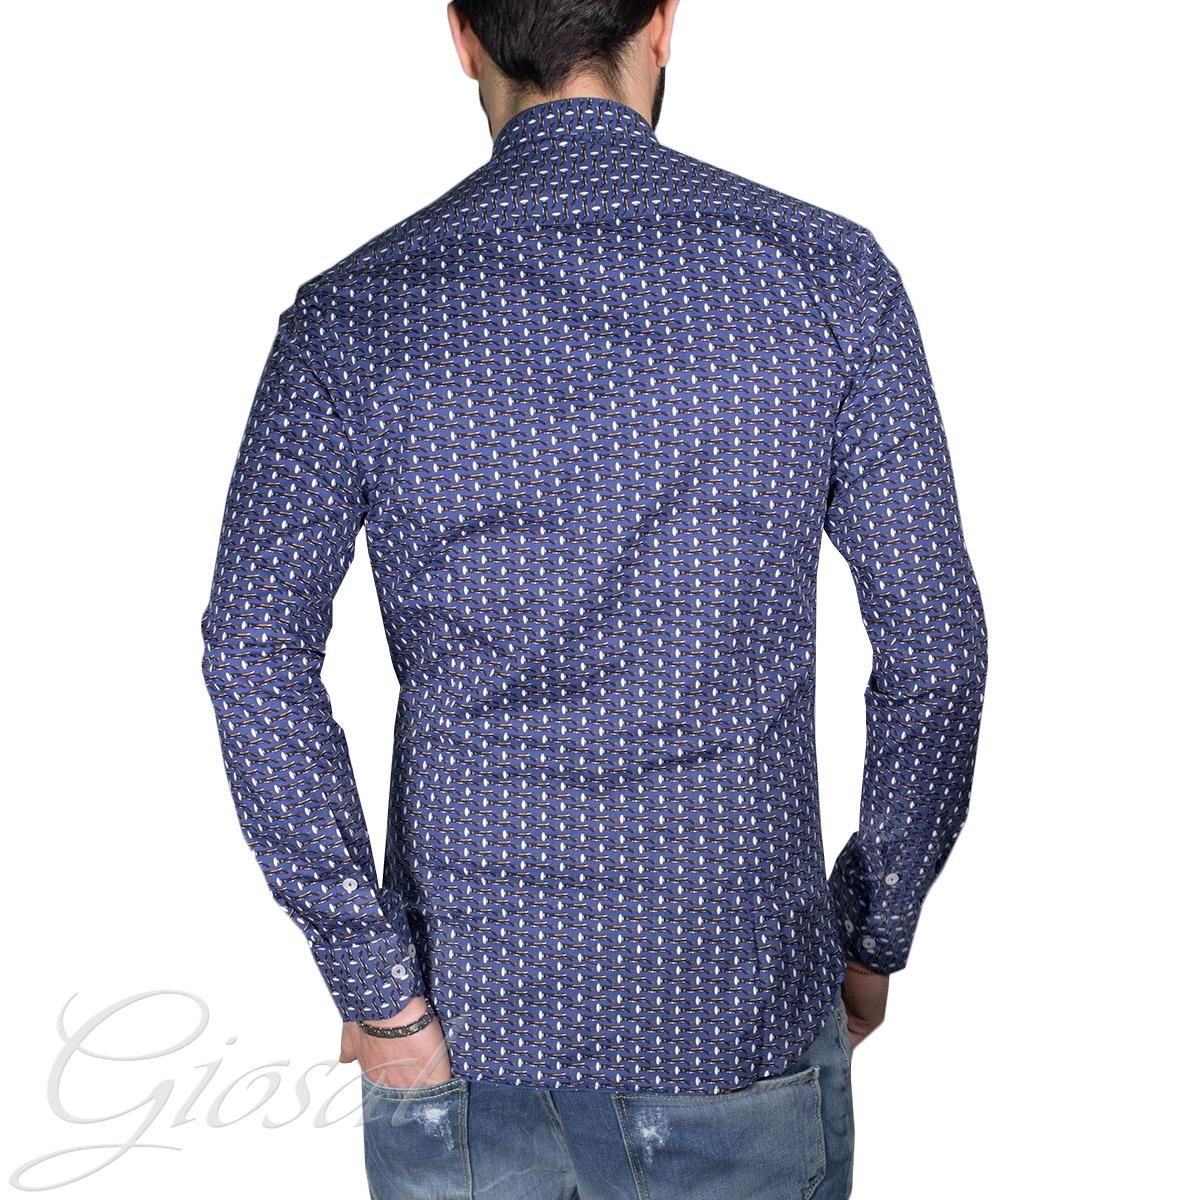 Camicia-Uomo-Collo-Coreano-Aeroplani-Bottoni-Manica-Lunga-Slim-Alfio-GIOSAL miniatura 3